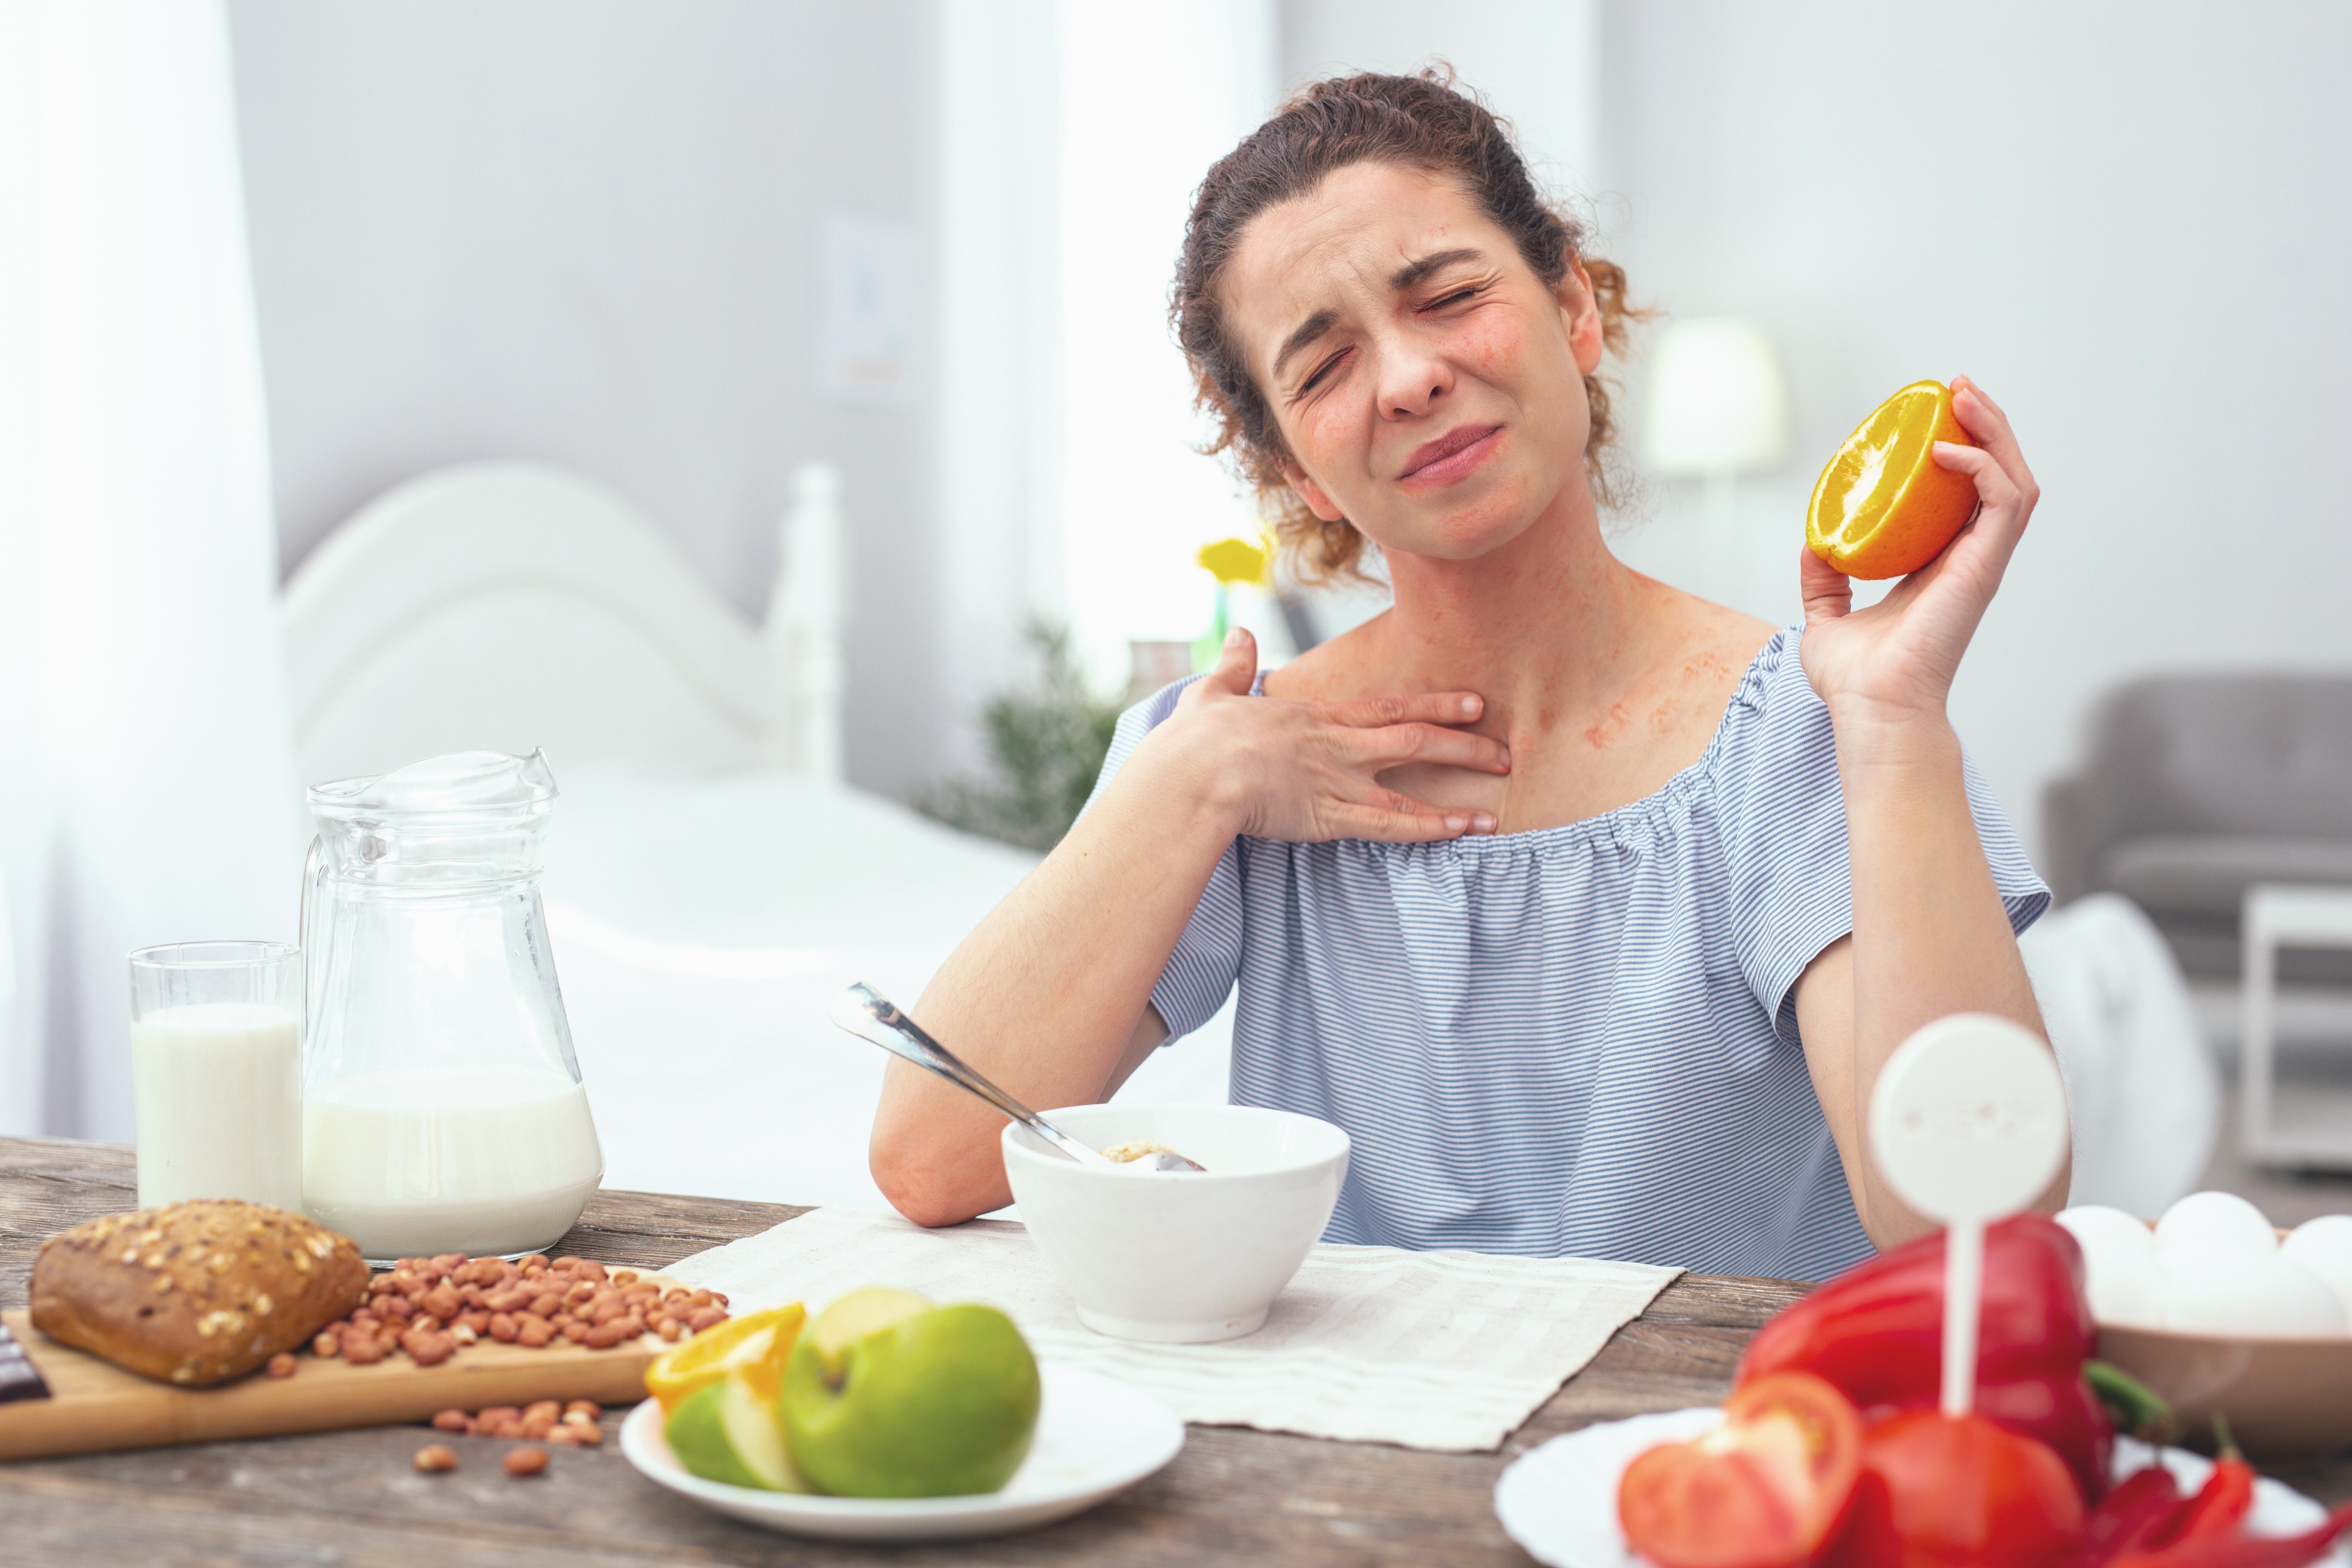 Hast Du das Gefühl, dass Du immer weniger Lebensmittel verträgst, die Du früher problemlos essen konntest?